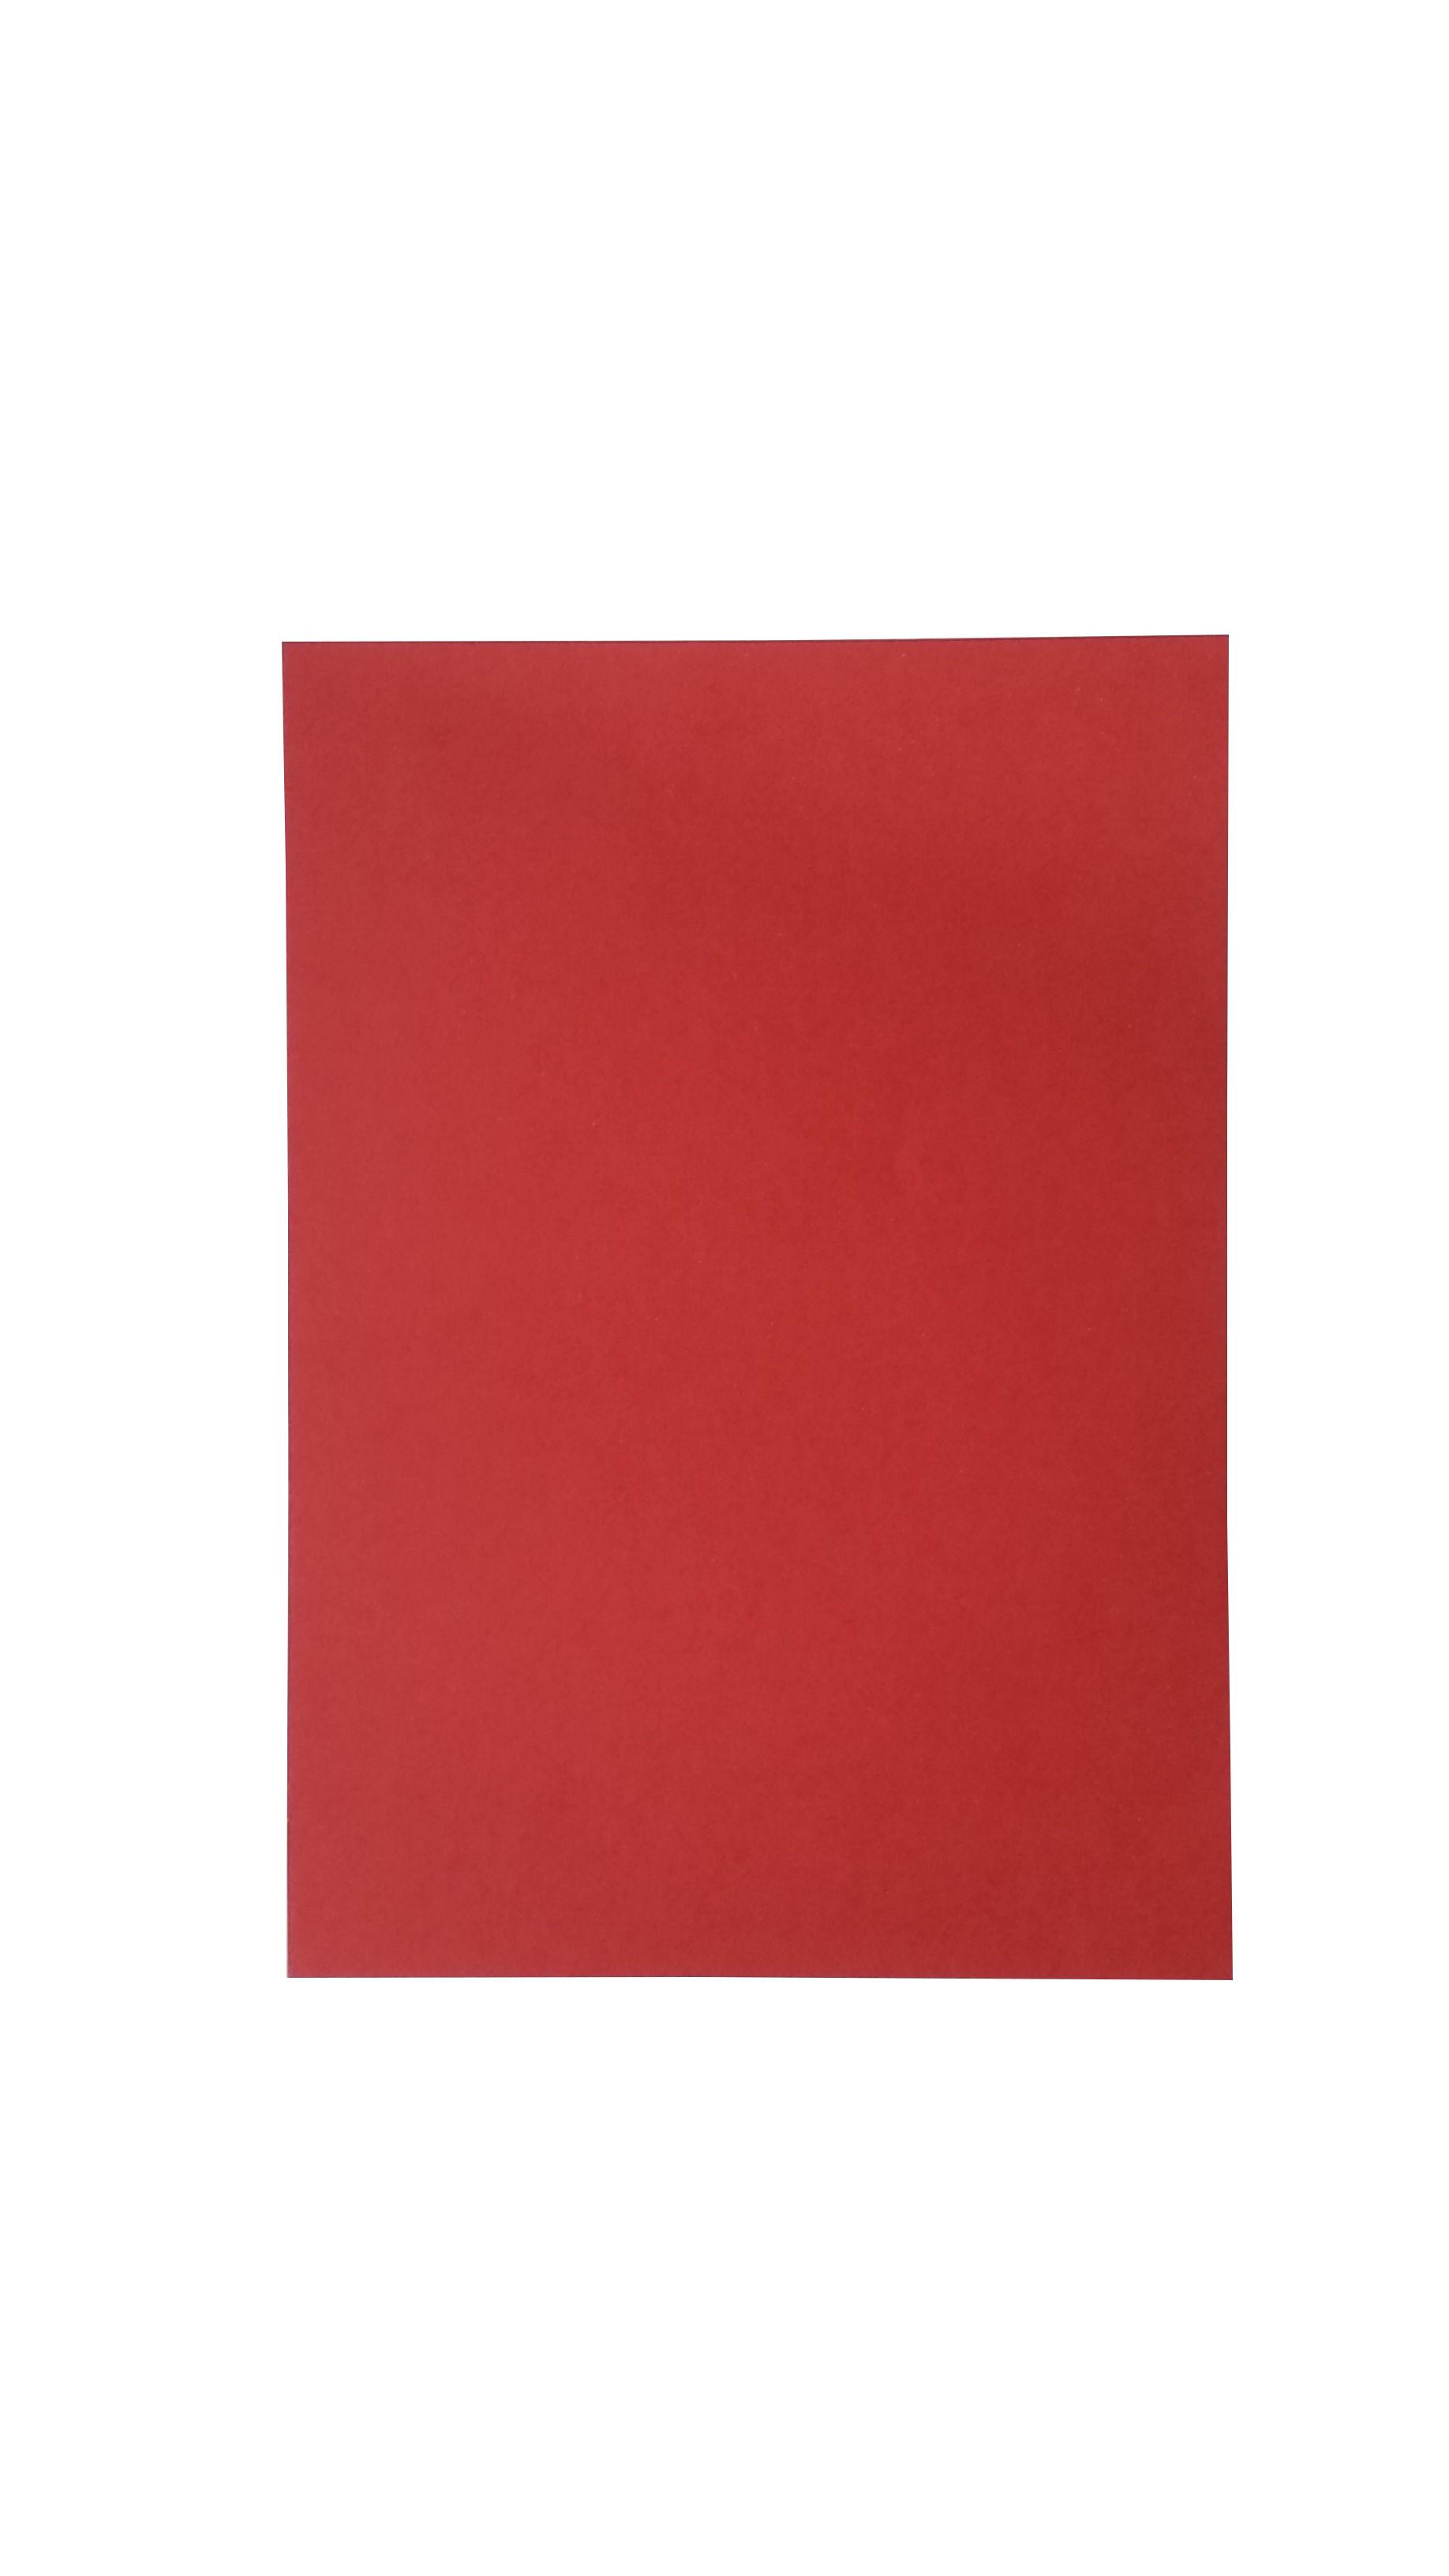 Vykres Farebny Cerveny A4 180g 200 Listov Papier Obaly Sk